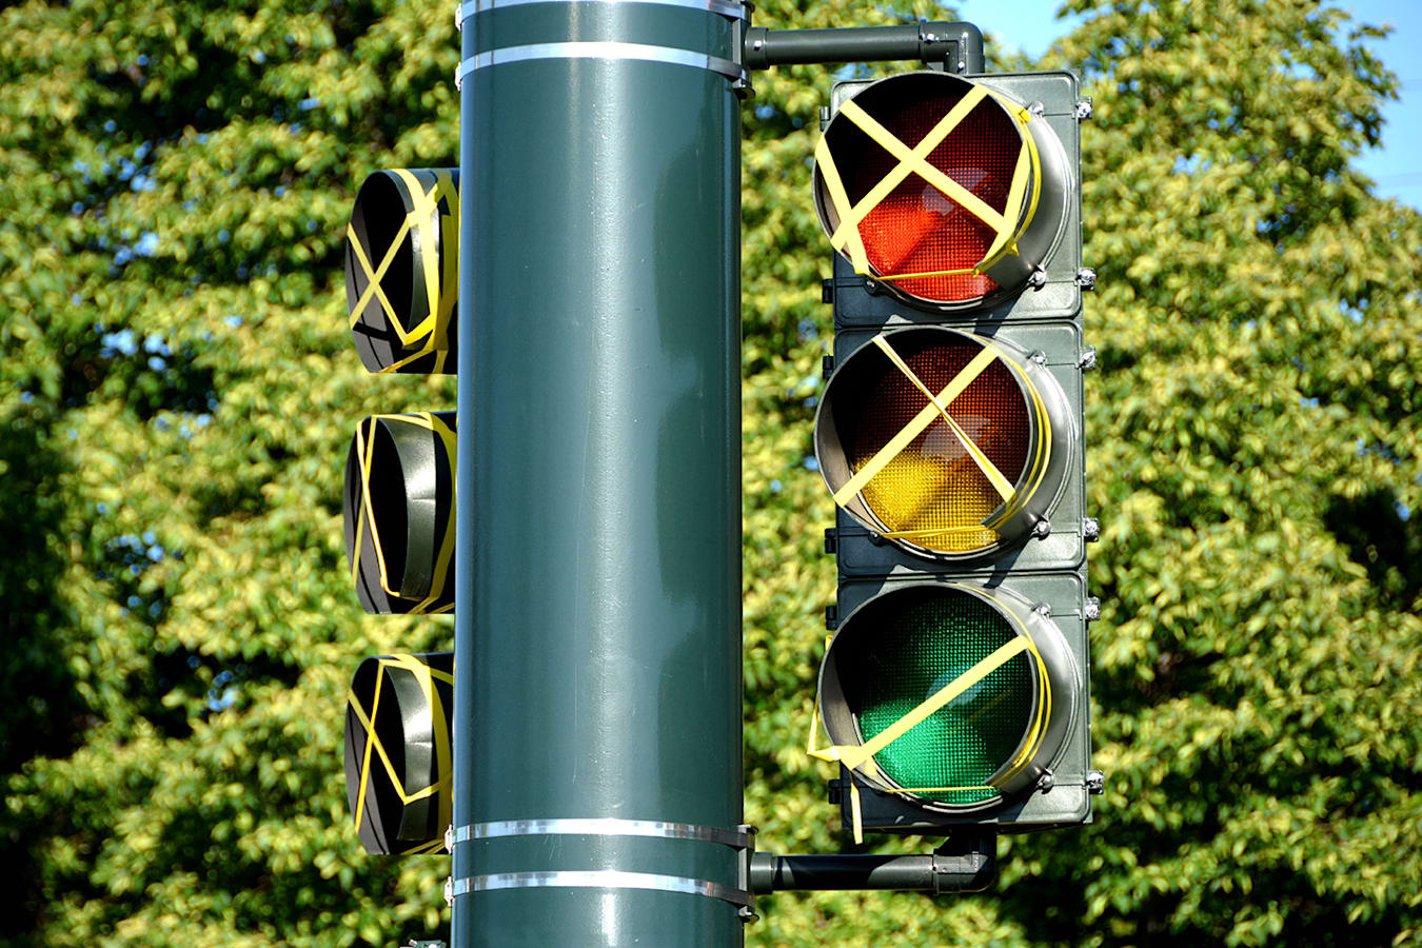 Broken Traffic Lights Out Of Order Jpg